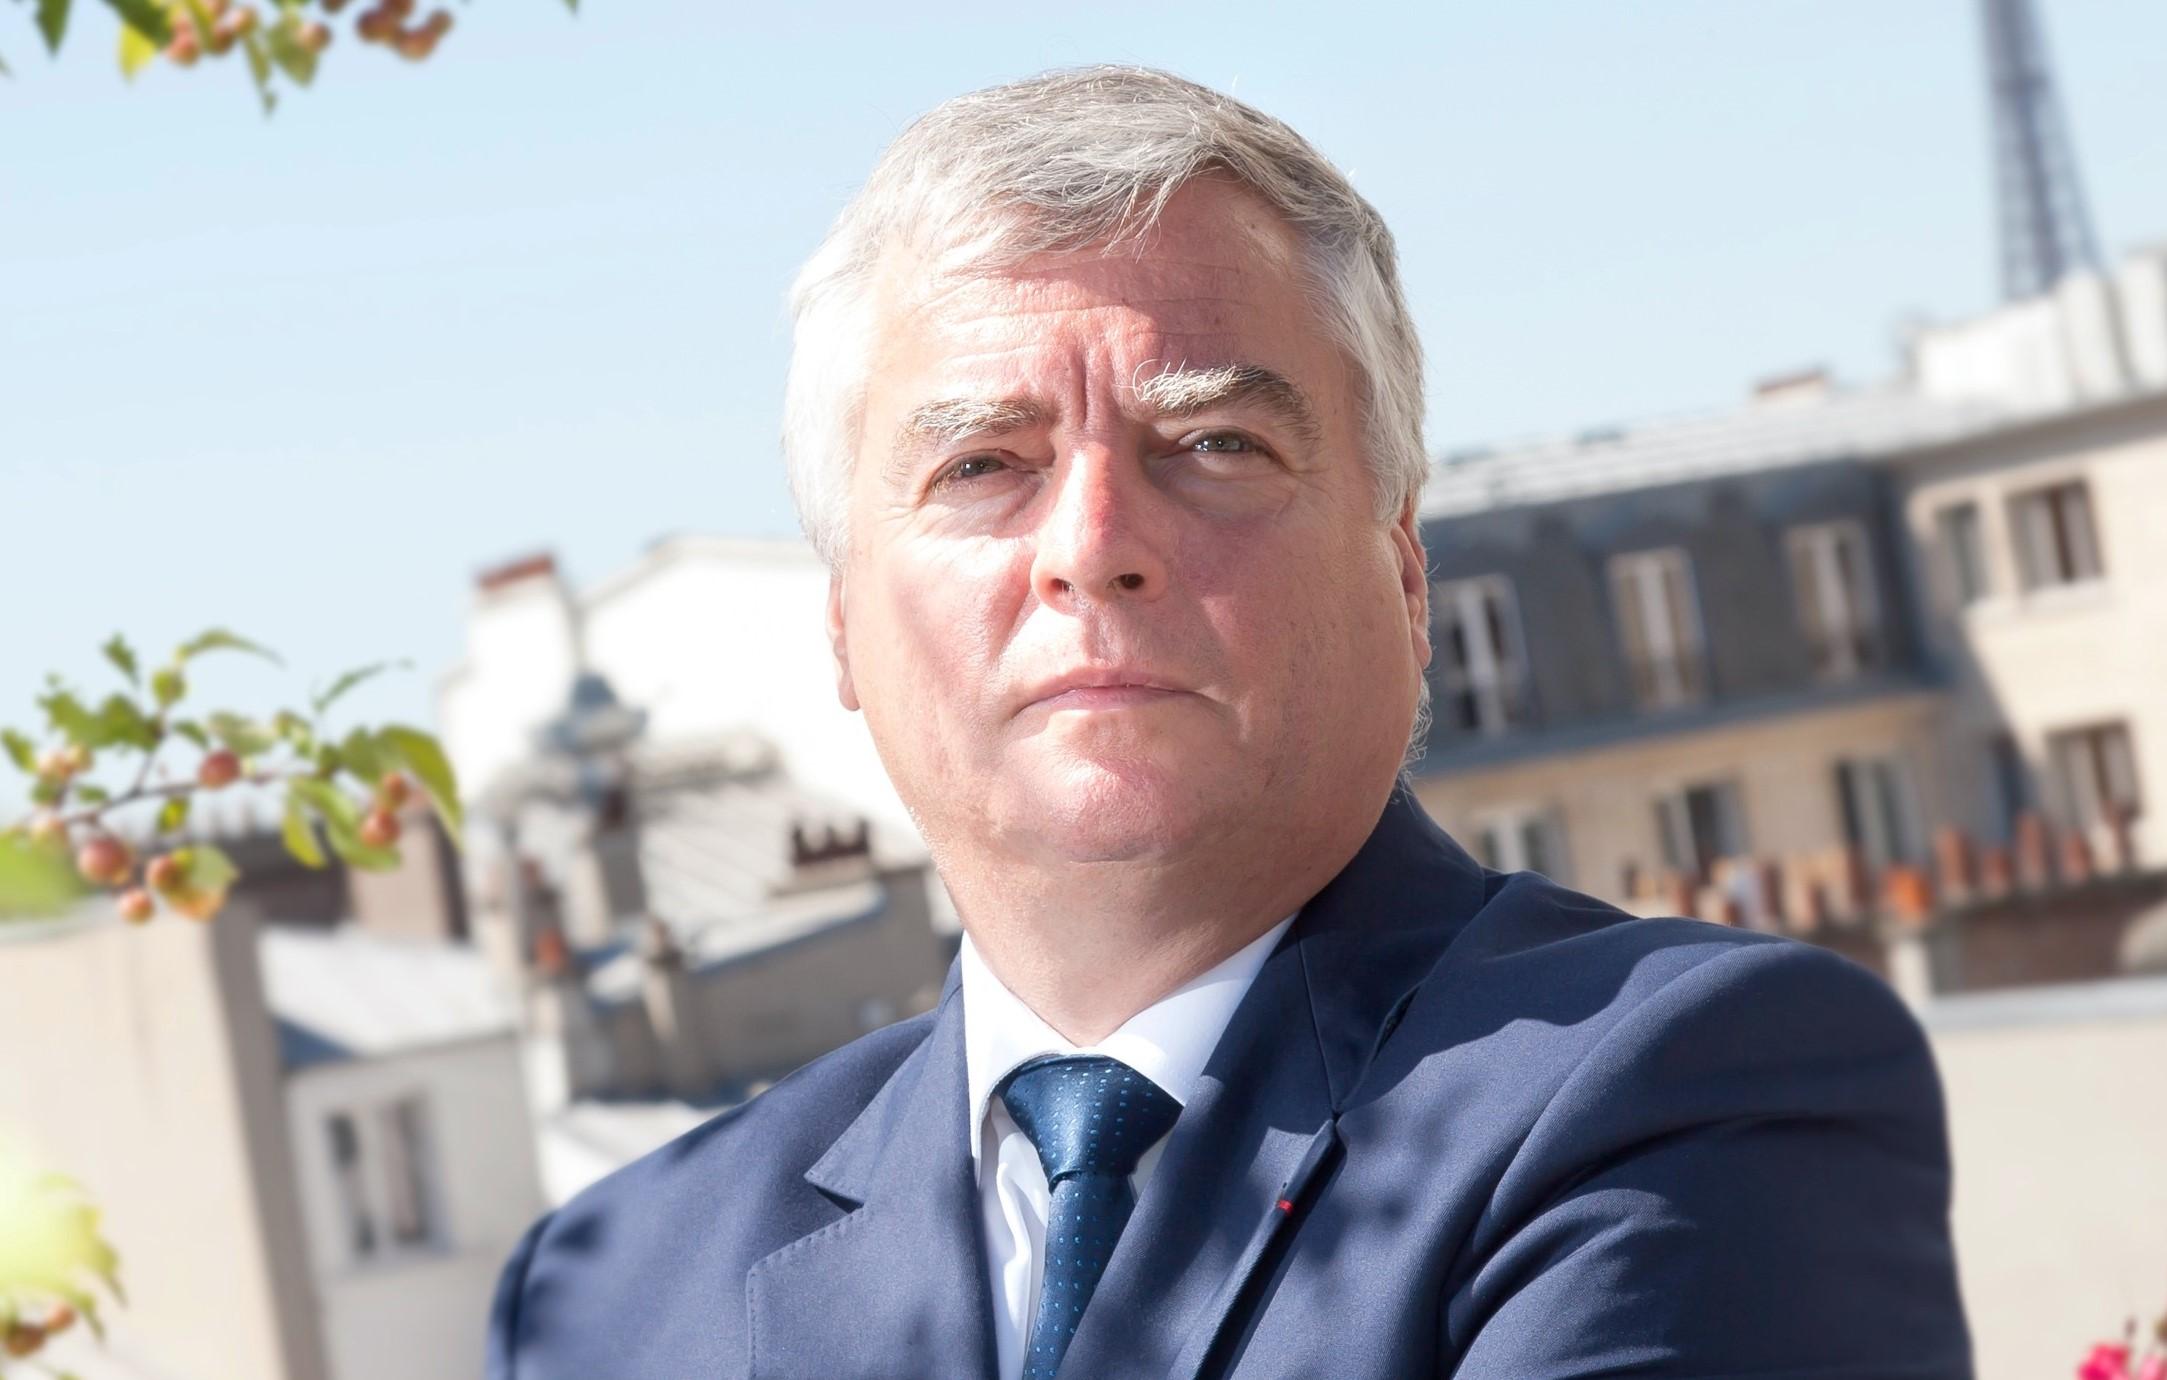 Les entreprises du recyclage face au défi de la crise sanitaire – Interview de Jean-Luc Petithuguenin, président de FEDEREC